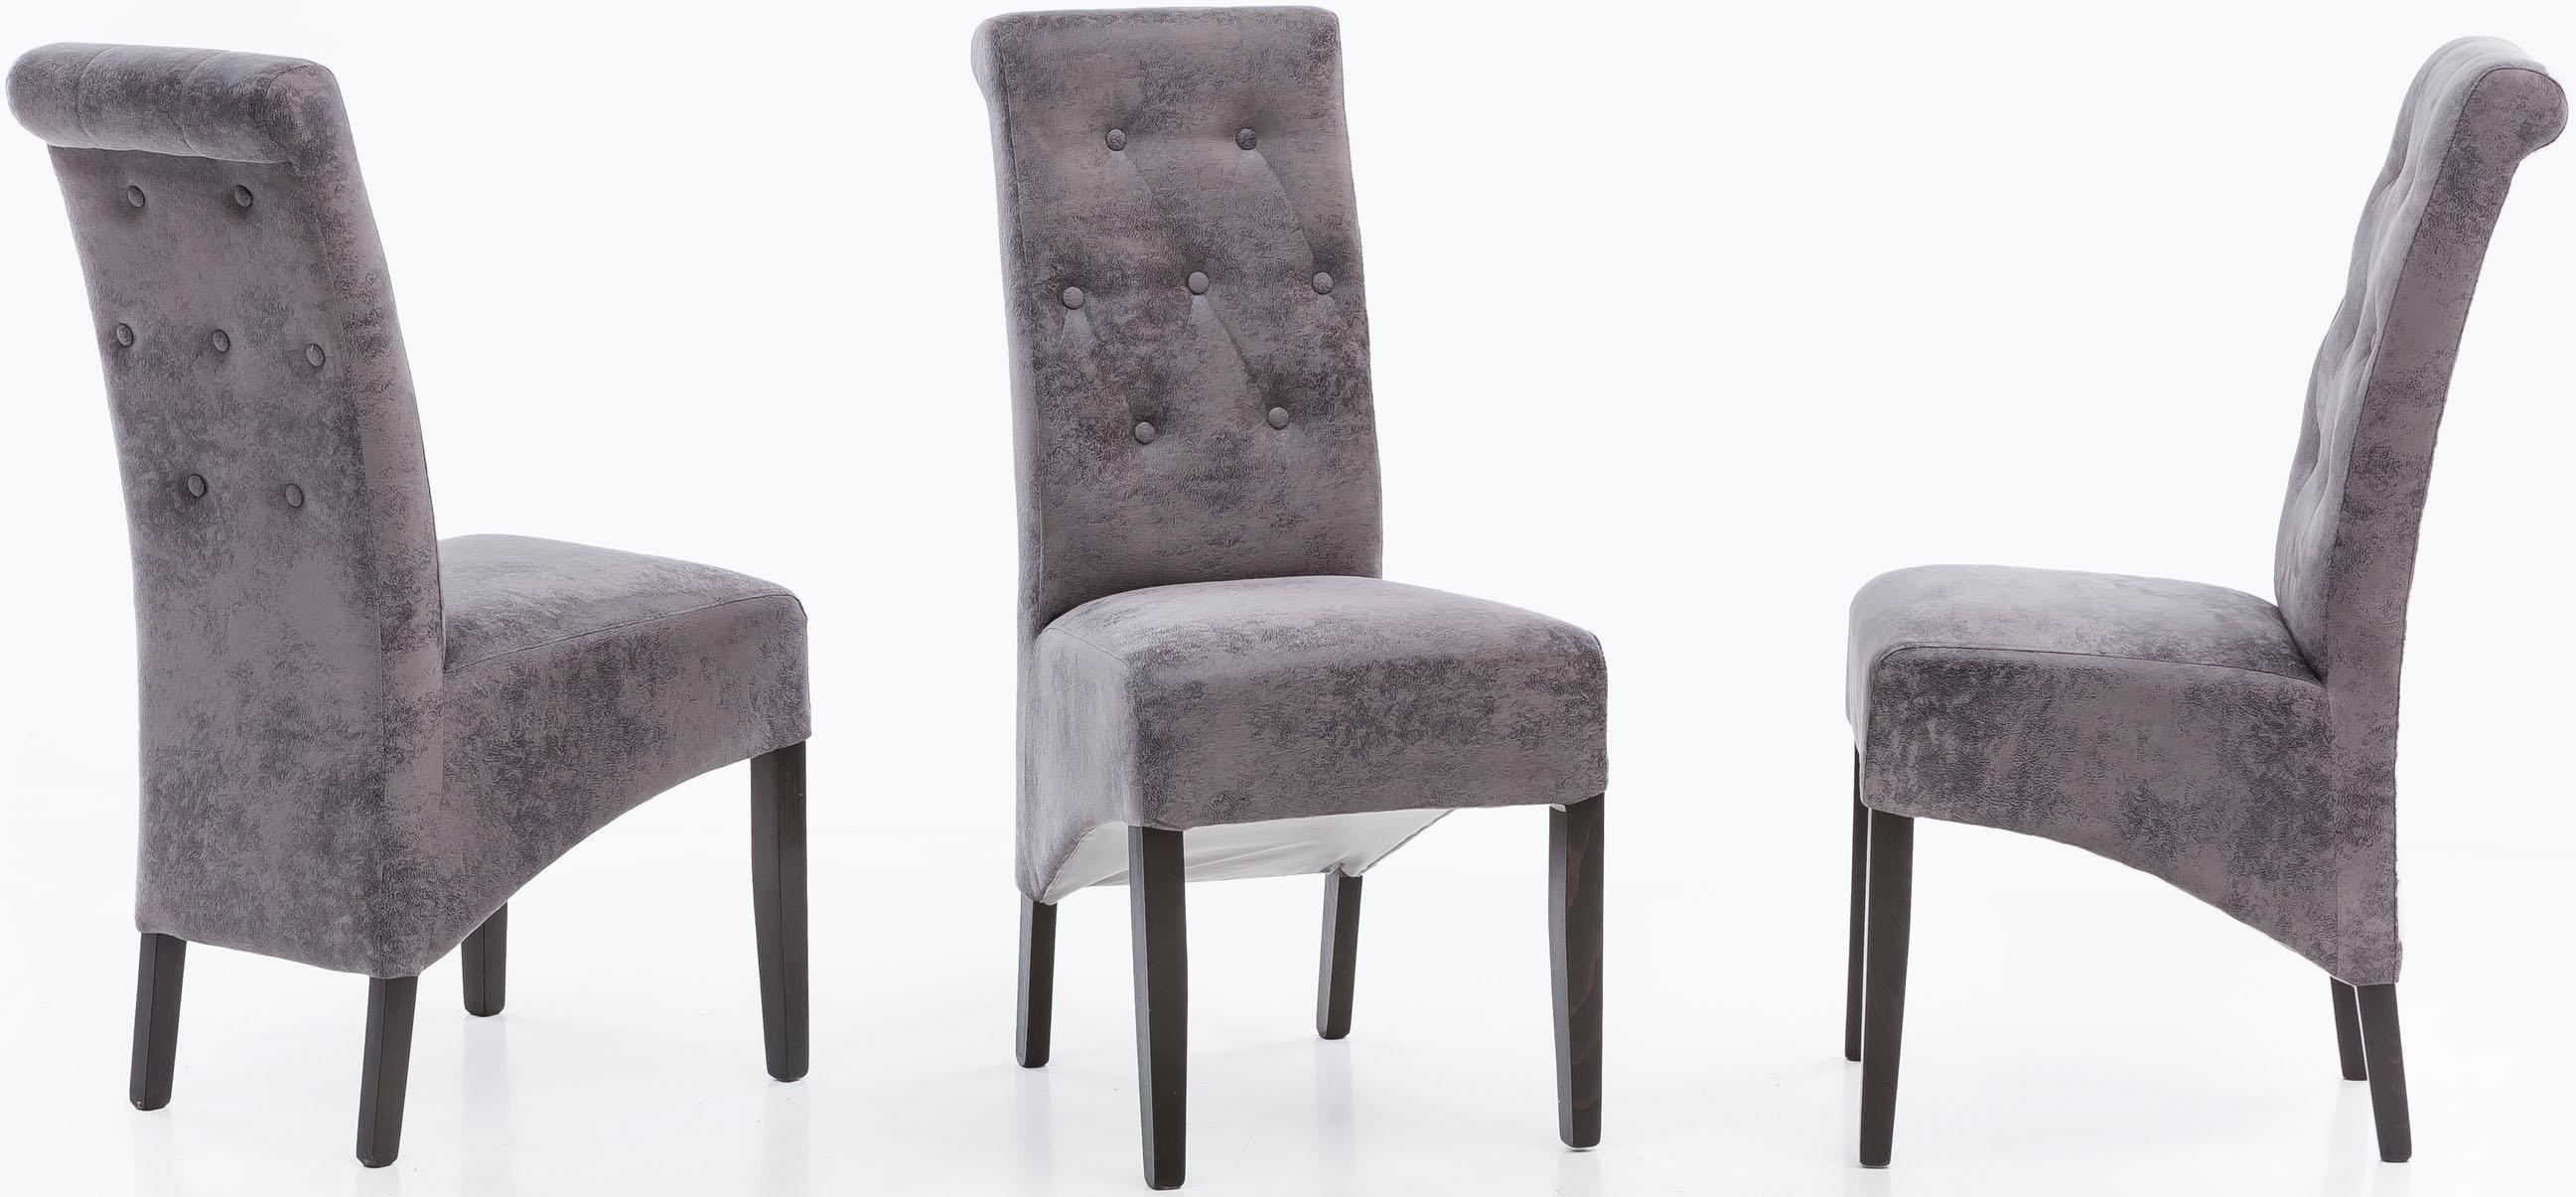 Premium collection by Home affaire stoel Harry (set) bestellen: 30 dagen bedenktijd